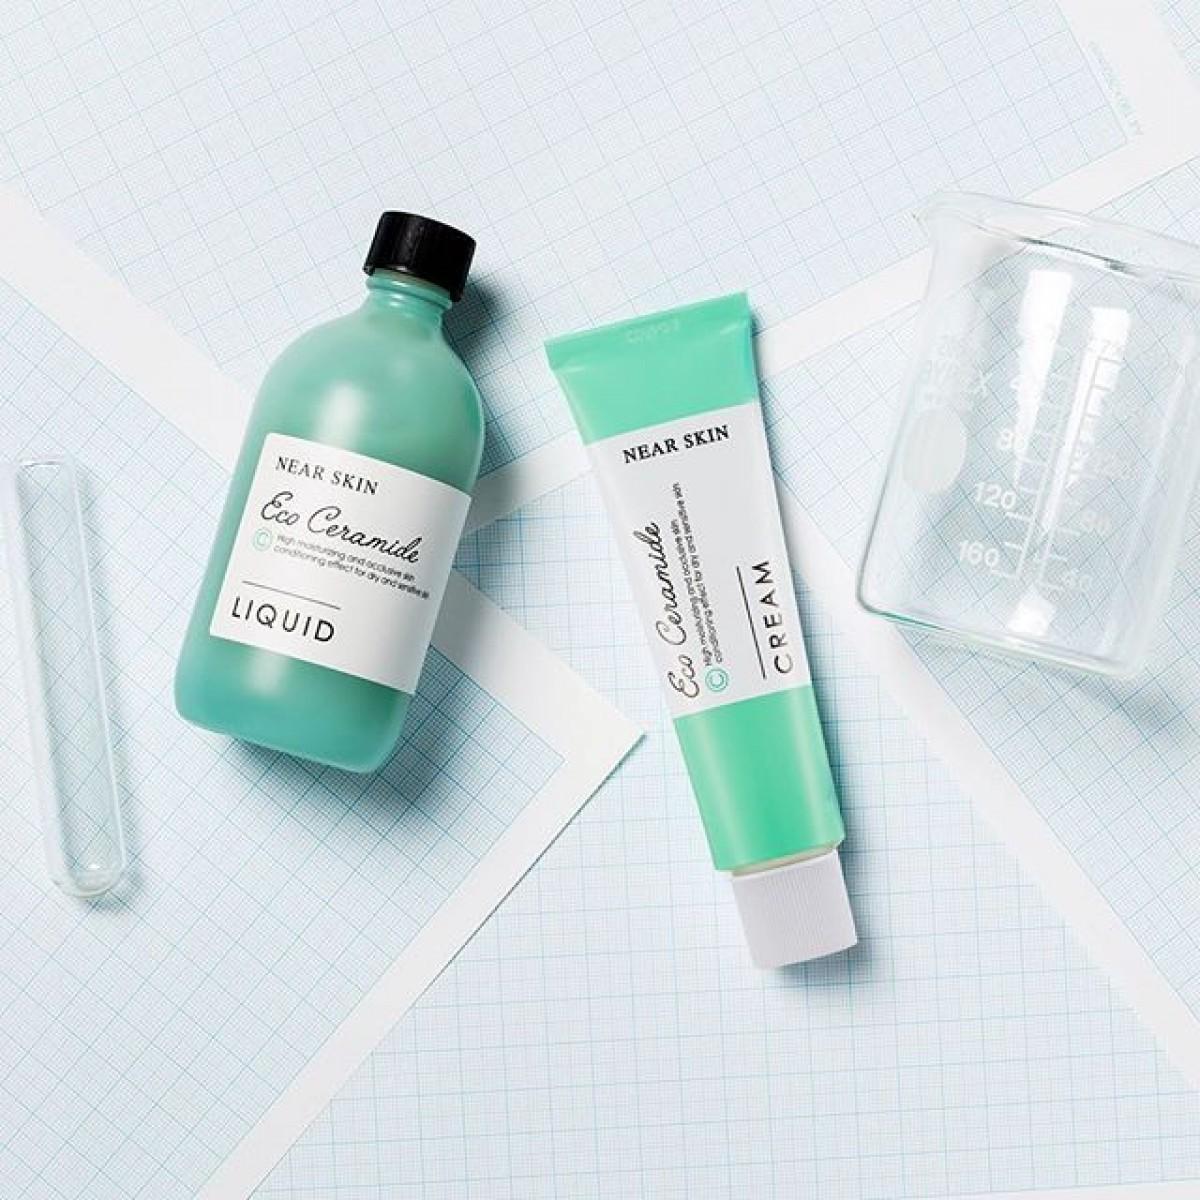 Để có làn da búng ra nước ngay cả khi trời hanh khô nhất, bạn hãy tìm đến các sản phẩm có chứa thành phần này - Ảnh 6.